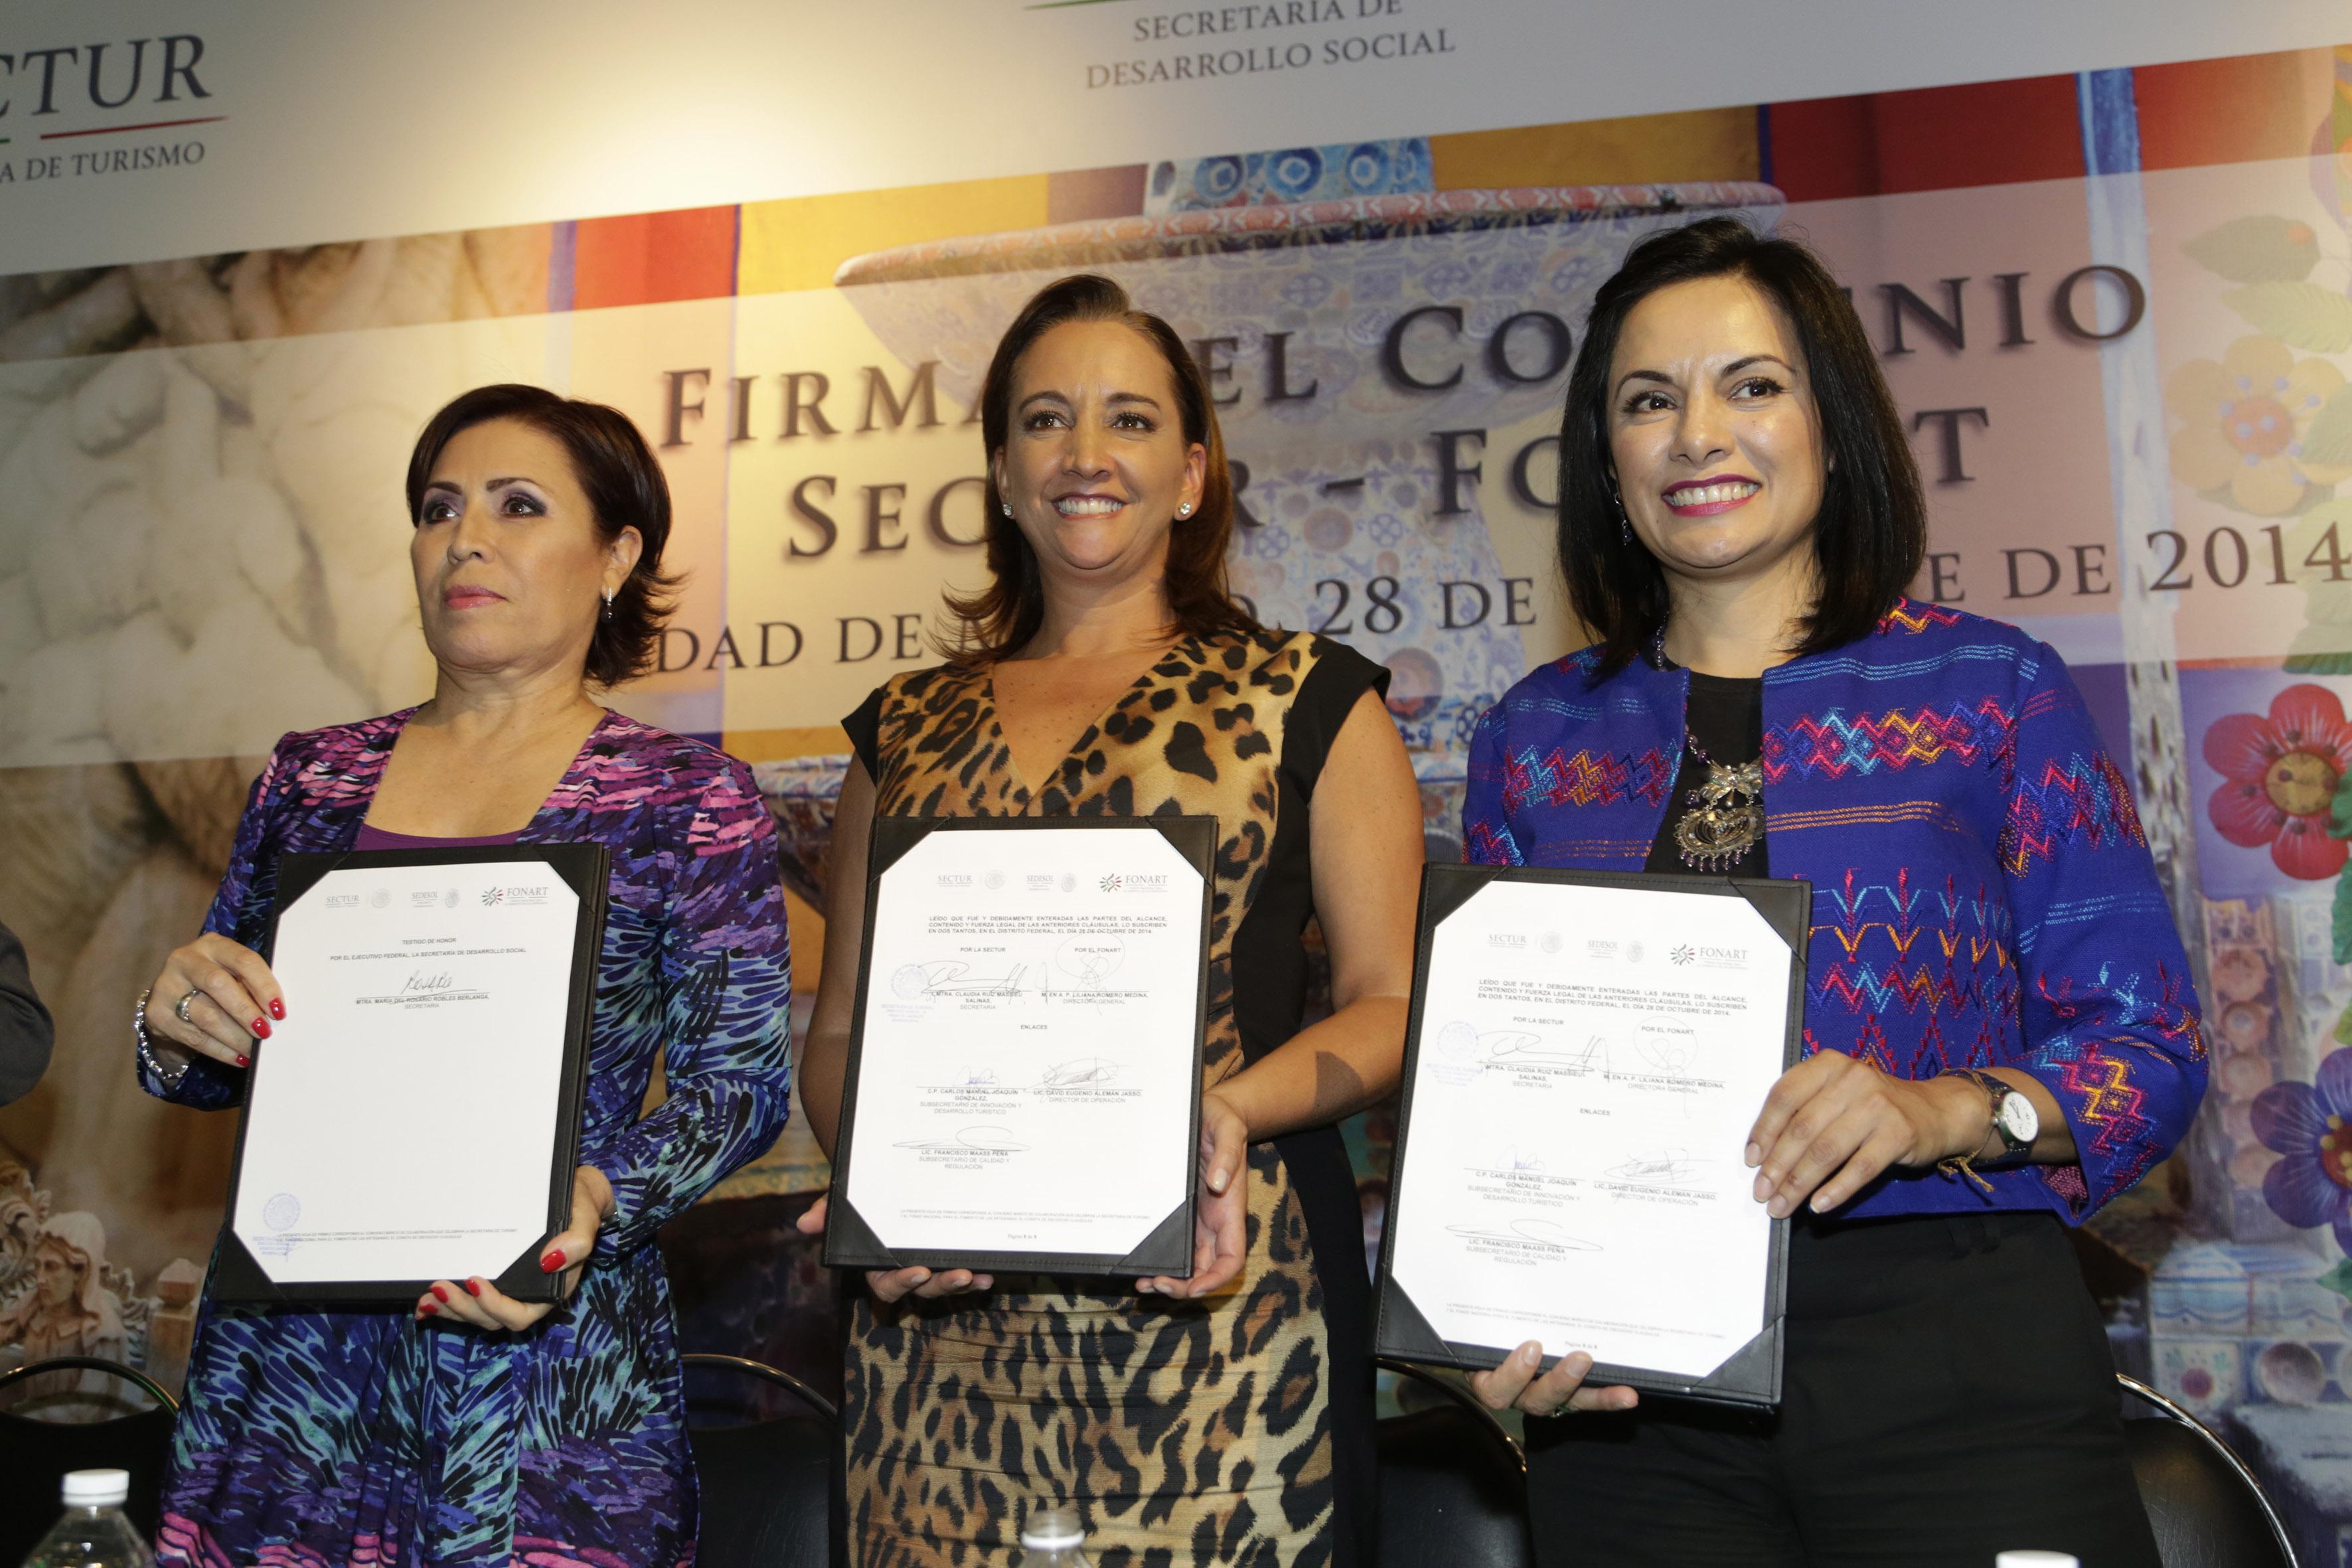 Muestran el convenio firmado: Rosario Robles, Secretaria de Desarrollo Social, la Secretaria de Turismo, Claudia Ruiz Massieu y Liliana Romero Medina, titular del FONART.